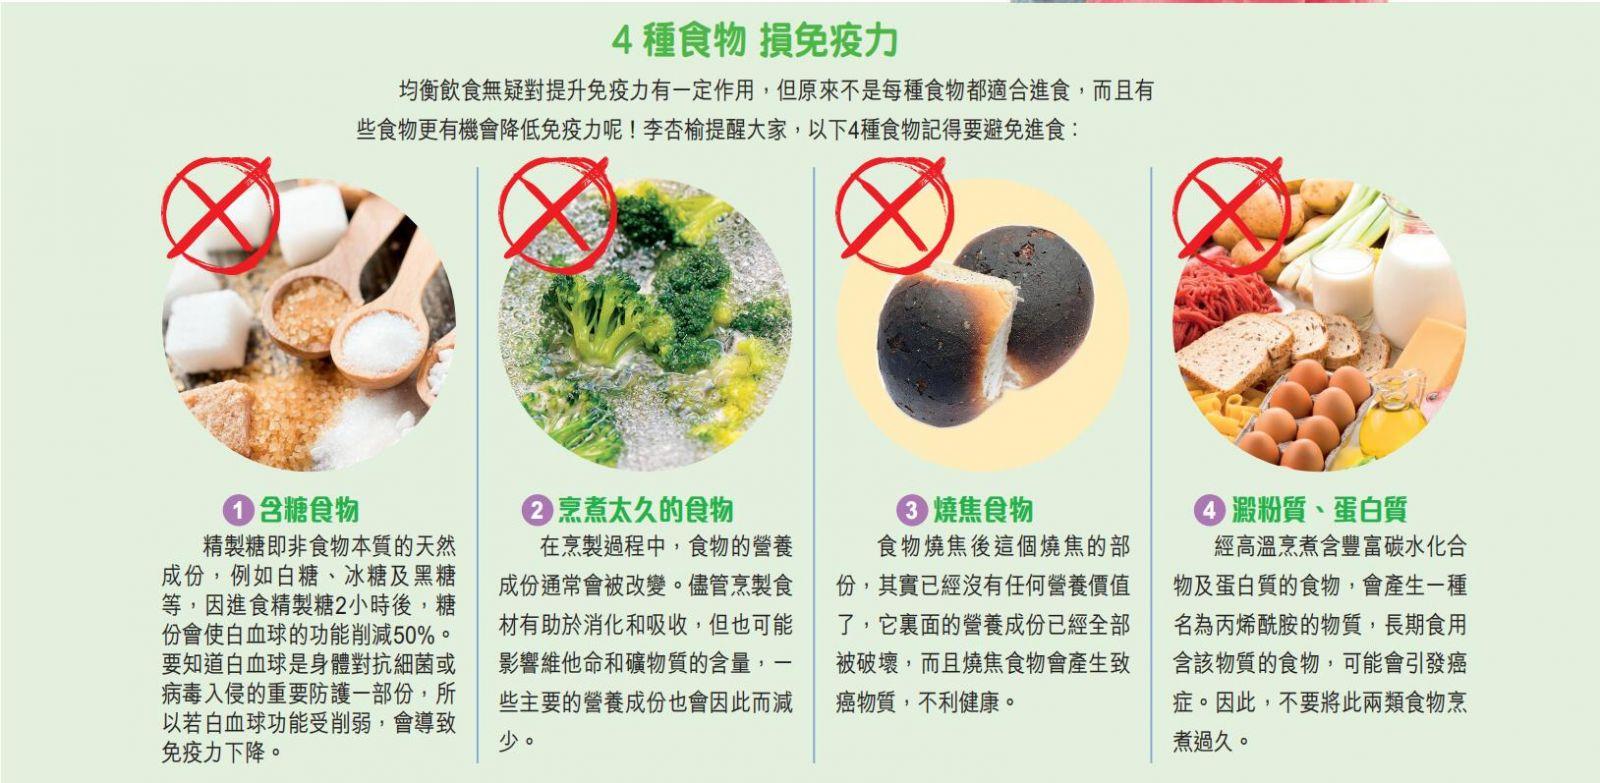 4種降低兒童免疫力食物